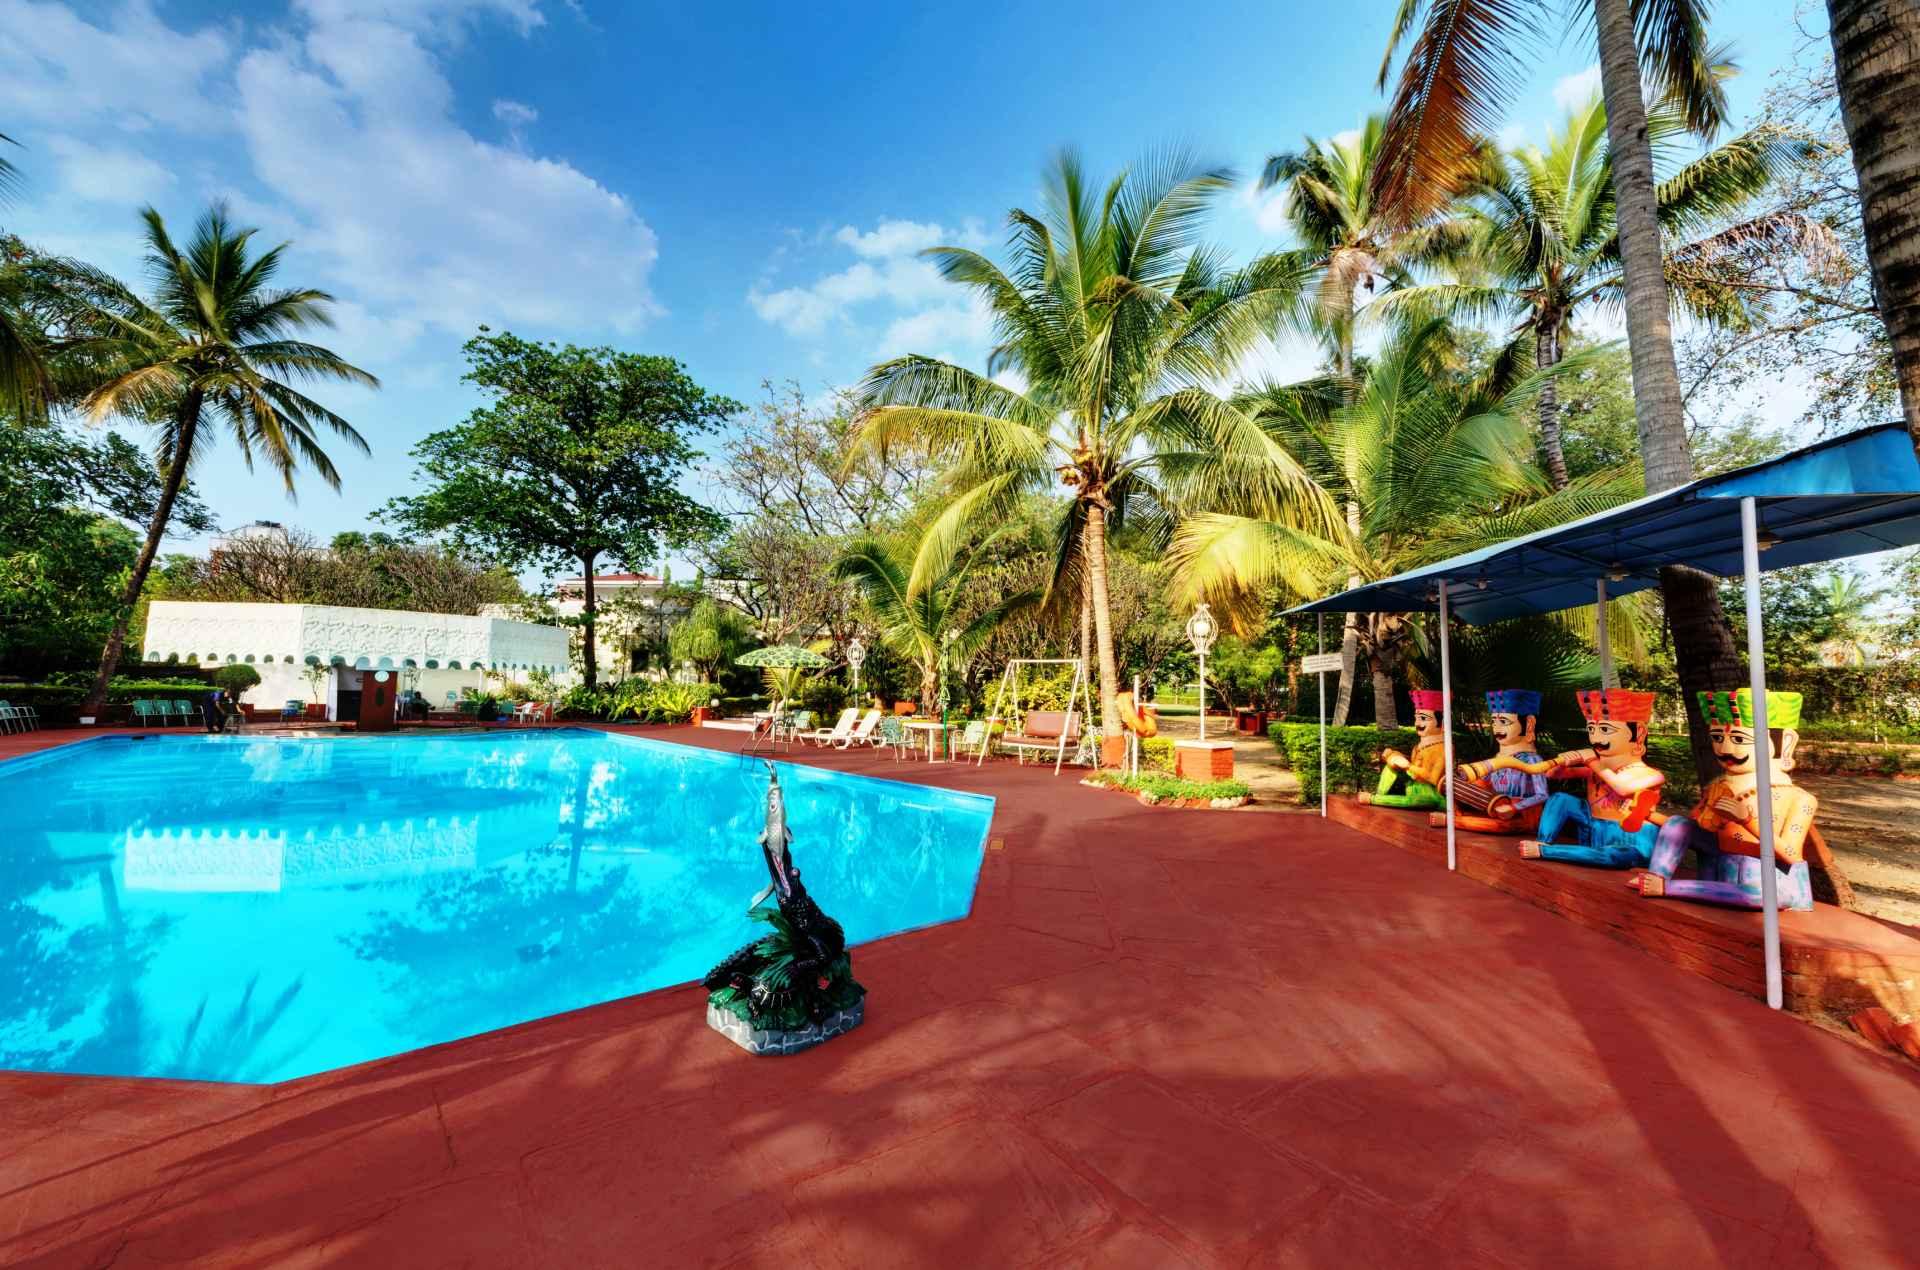 Swimming Pool ambassador ajanta aurangabad 1 - The Ambassador | Heritage Hotels in Mumbai, Aurangabad, Chennai - Ambassador Hotels